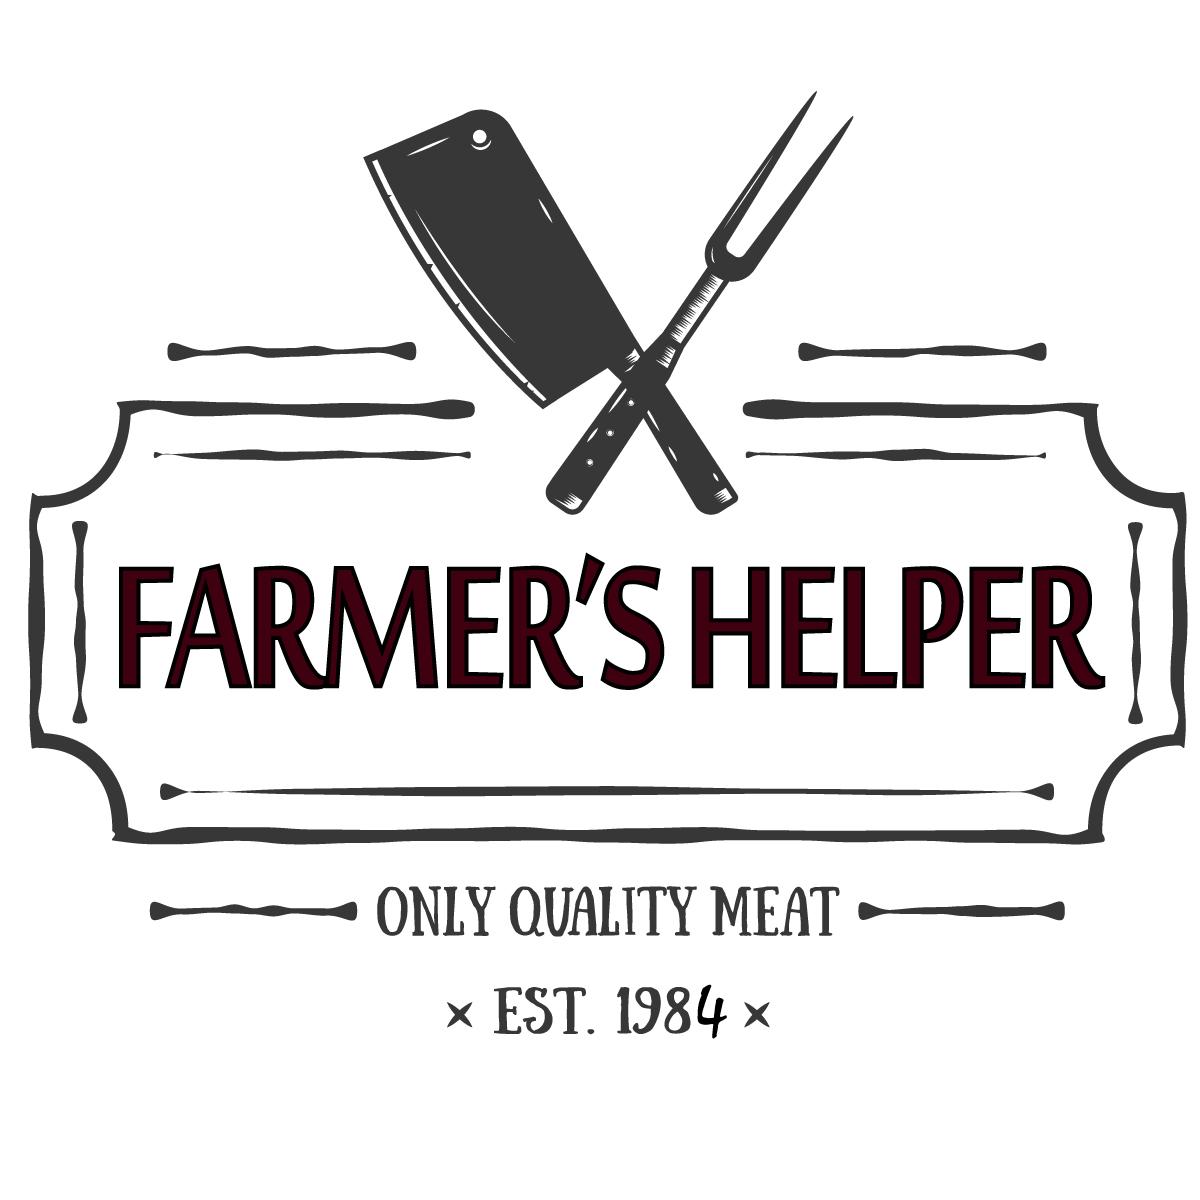 Butcher Near Eugene Albany Corvalis In Oregon